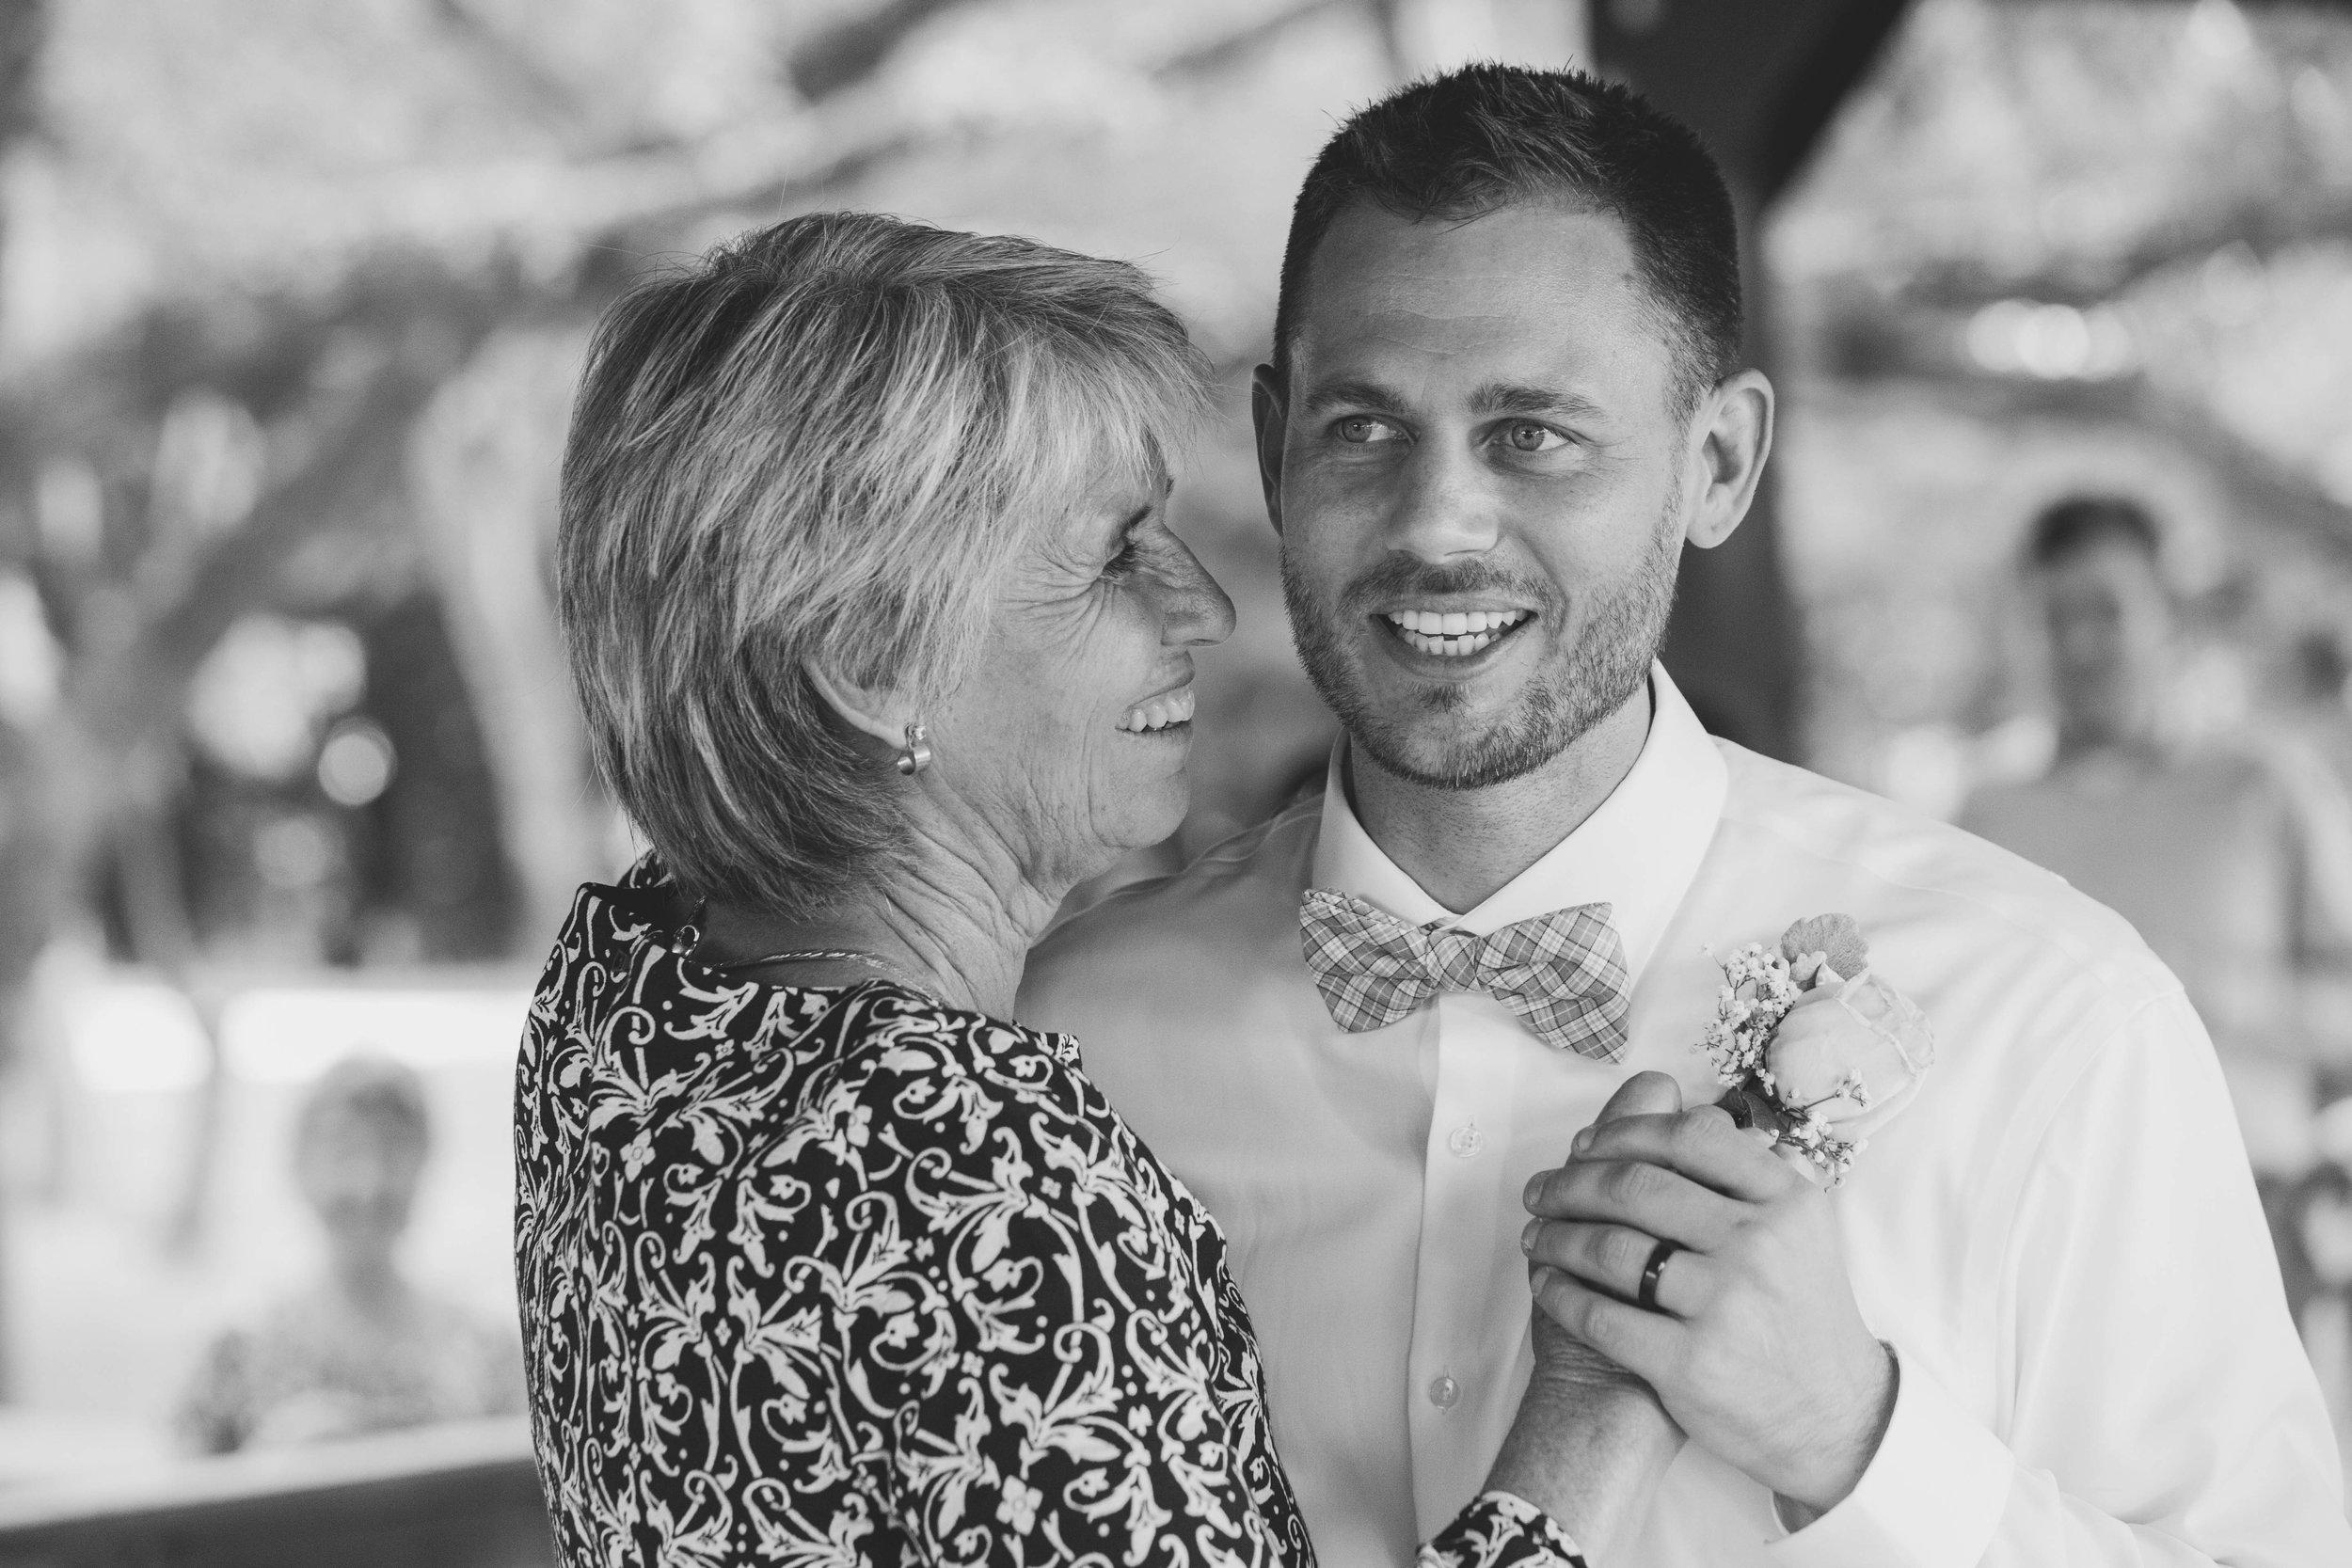 ATGI_Susanna & Matt Wedding_717A8572.jpg